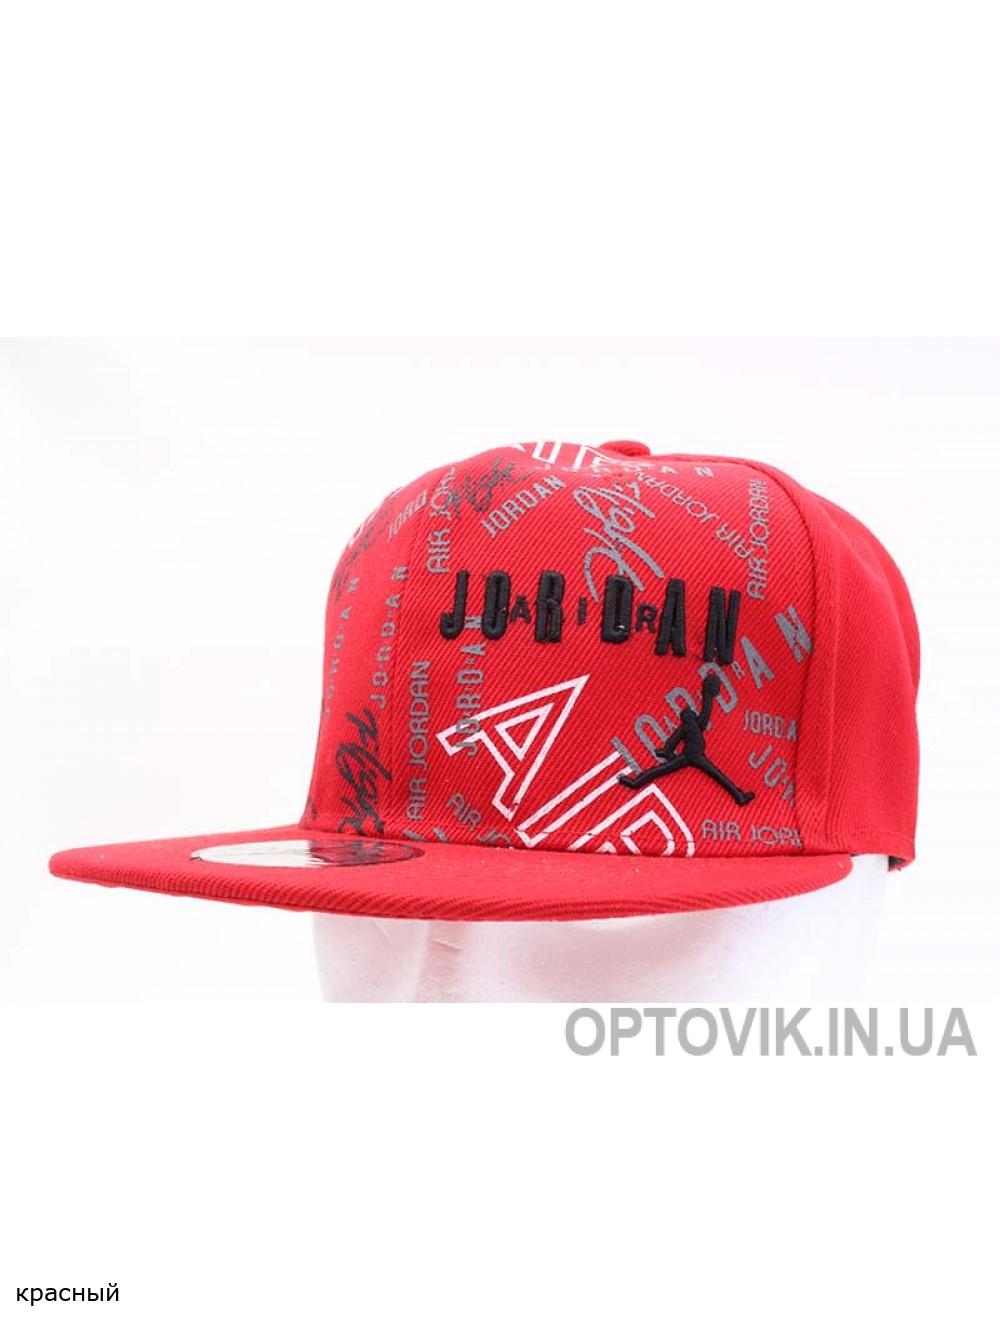 Rap - sp10530